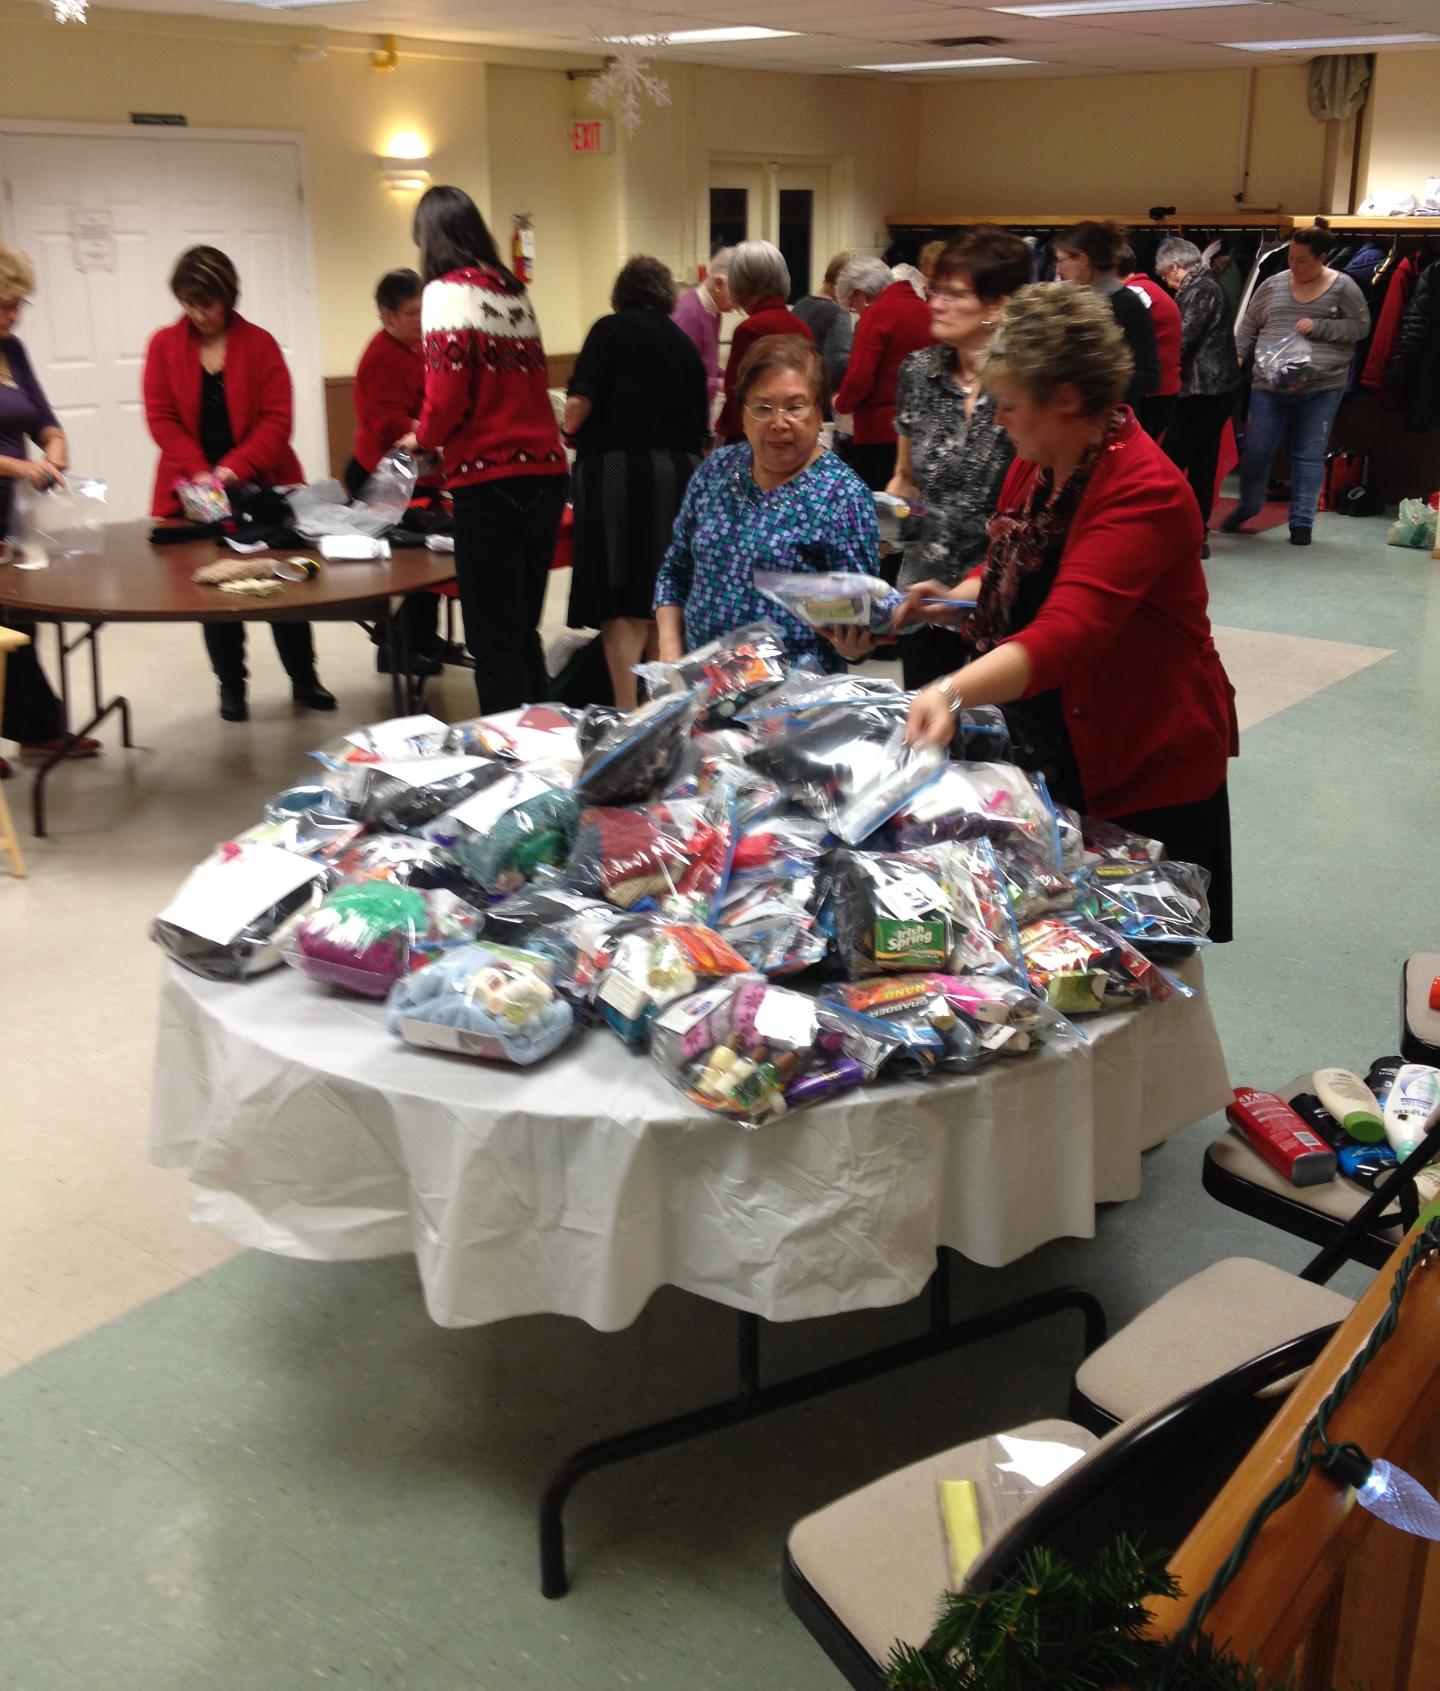 CWL Ladies pack bags for needy